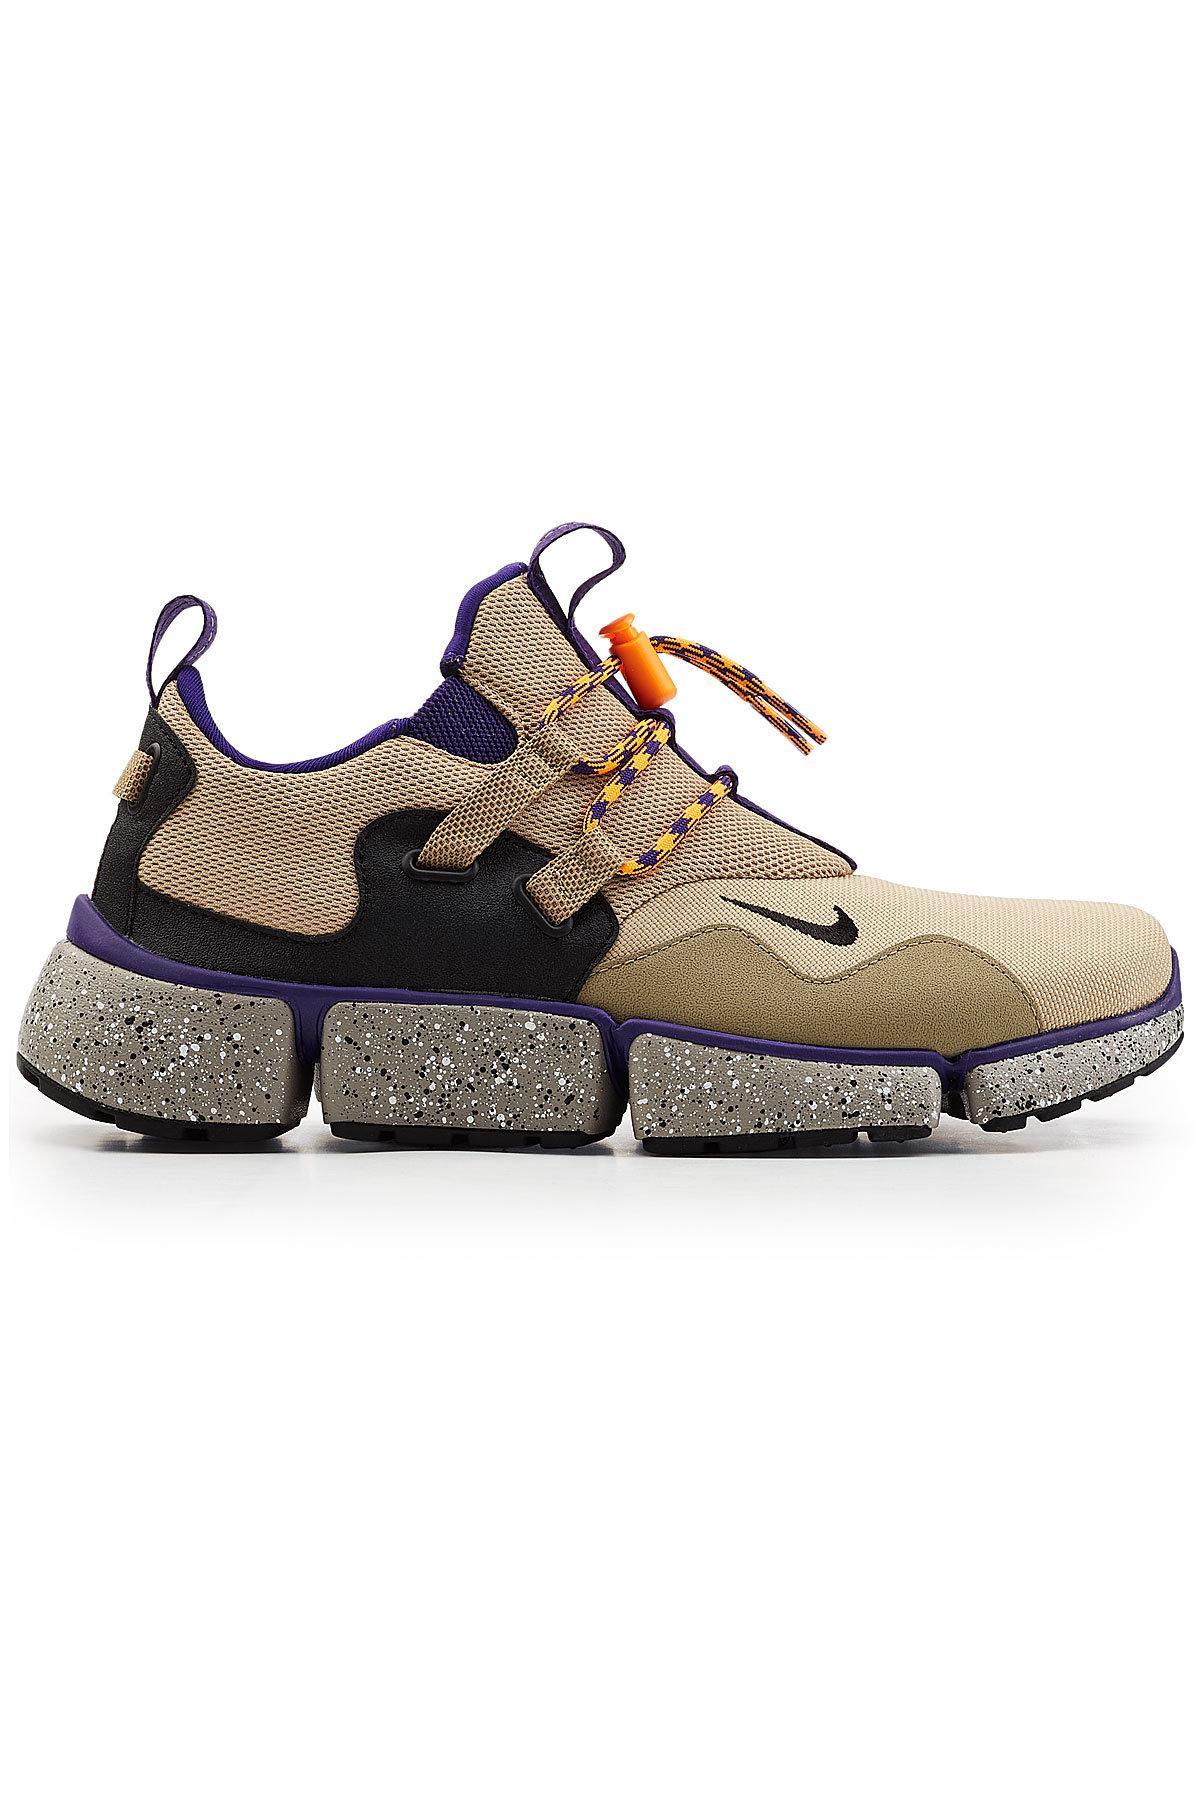 Nike  Multicolor Pocket Knife Dm Sneakers for Men  Lyst. View Fullscreen